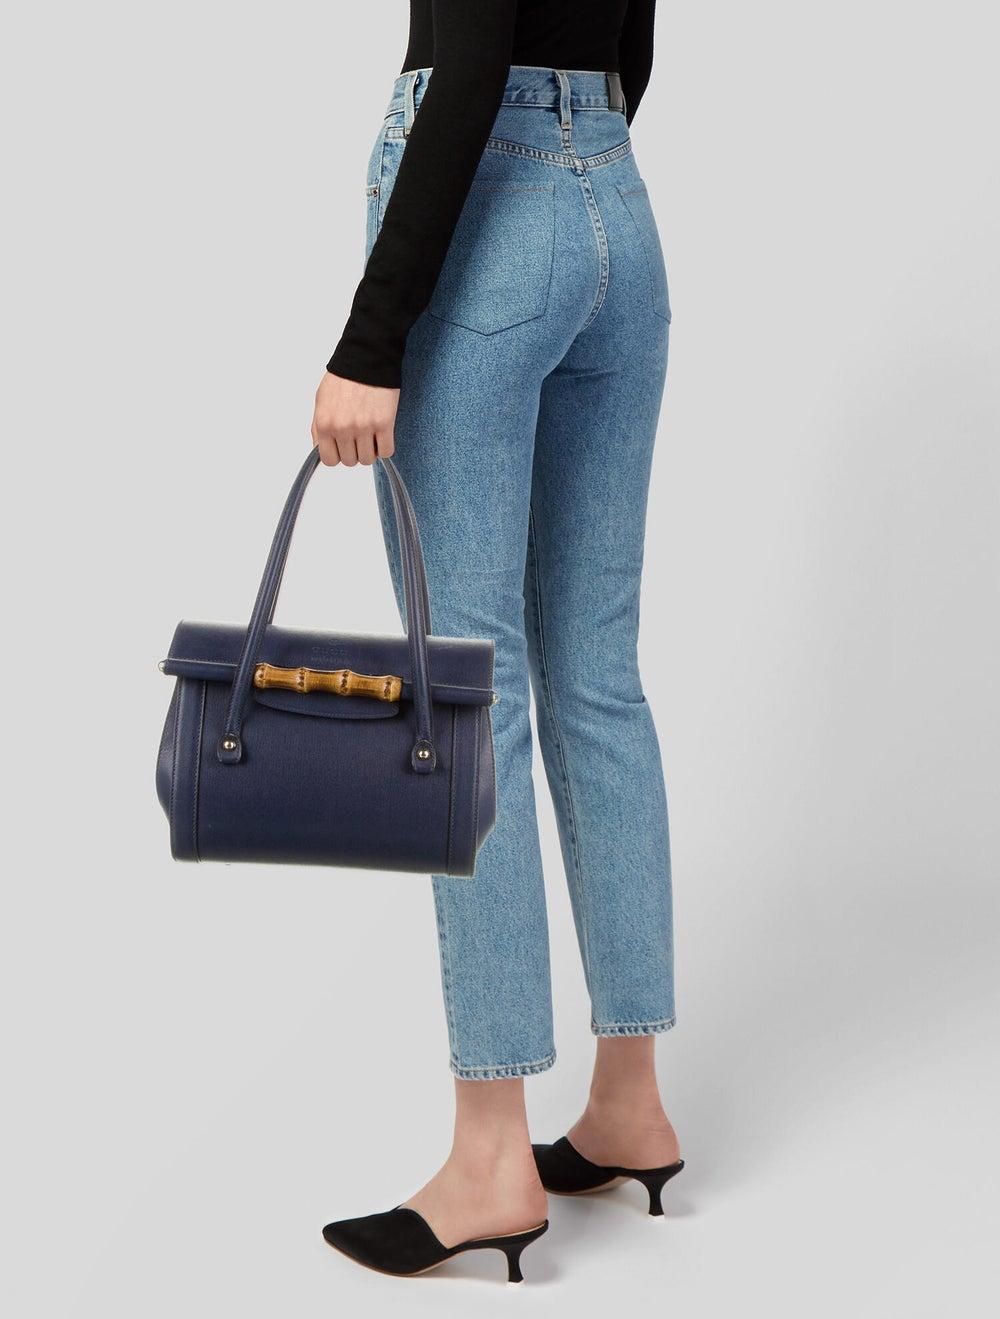 Gucci Leather Bamboo Bullet Shoulder Bag Blue - image 2